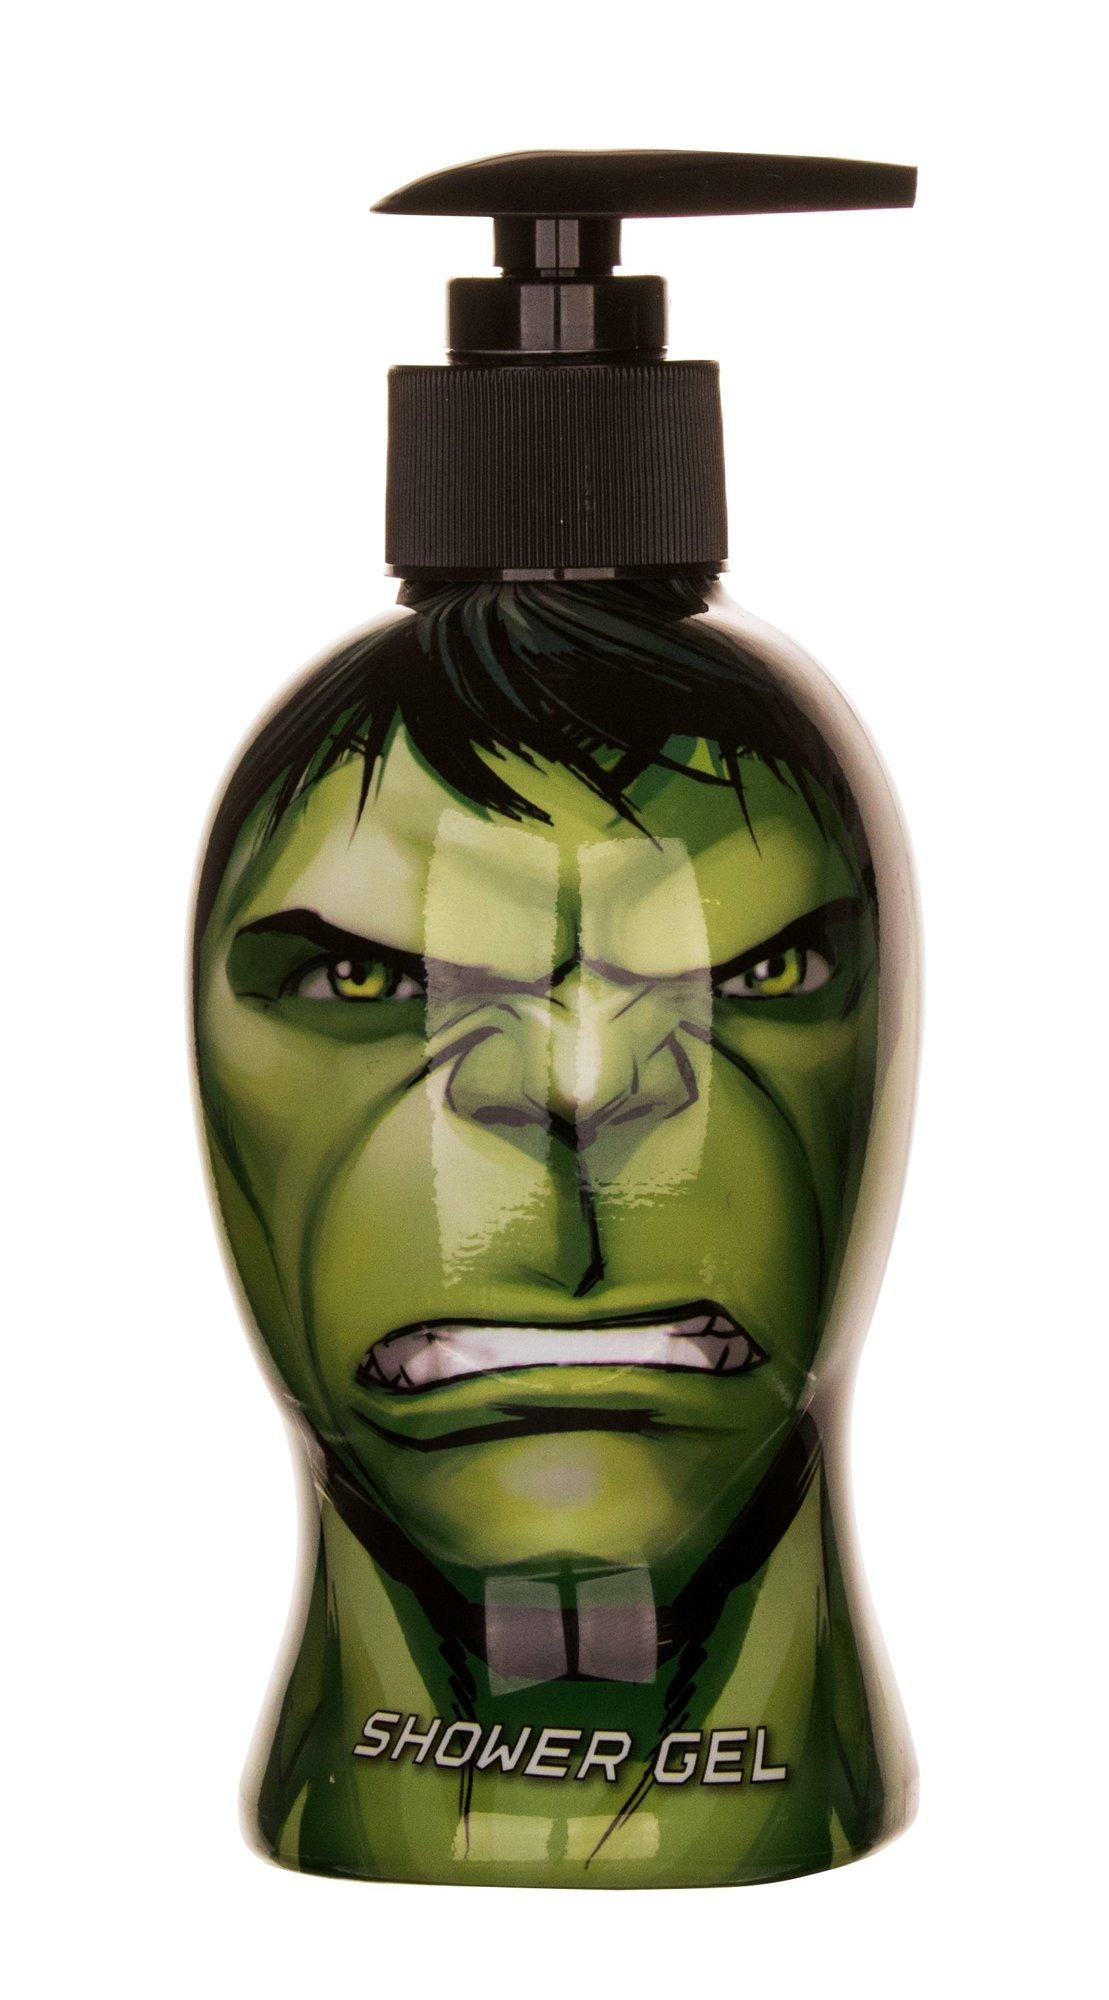 Marvel Avengers Hulk Shower gel 300ml